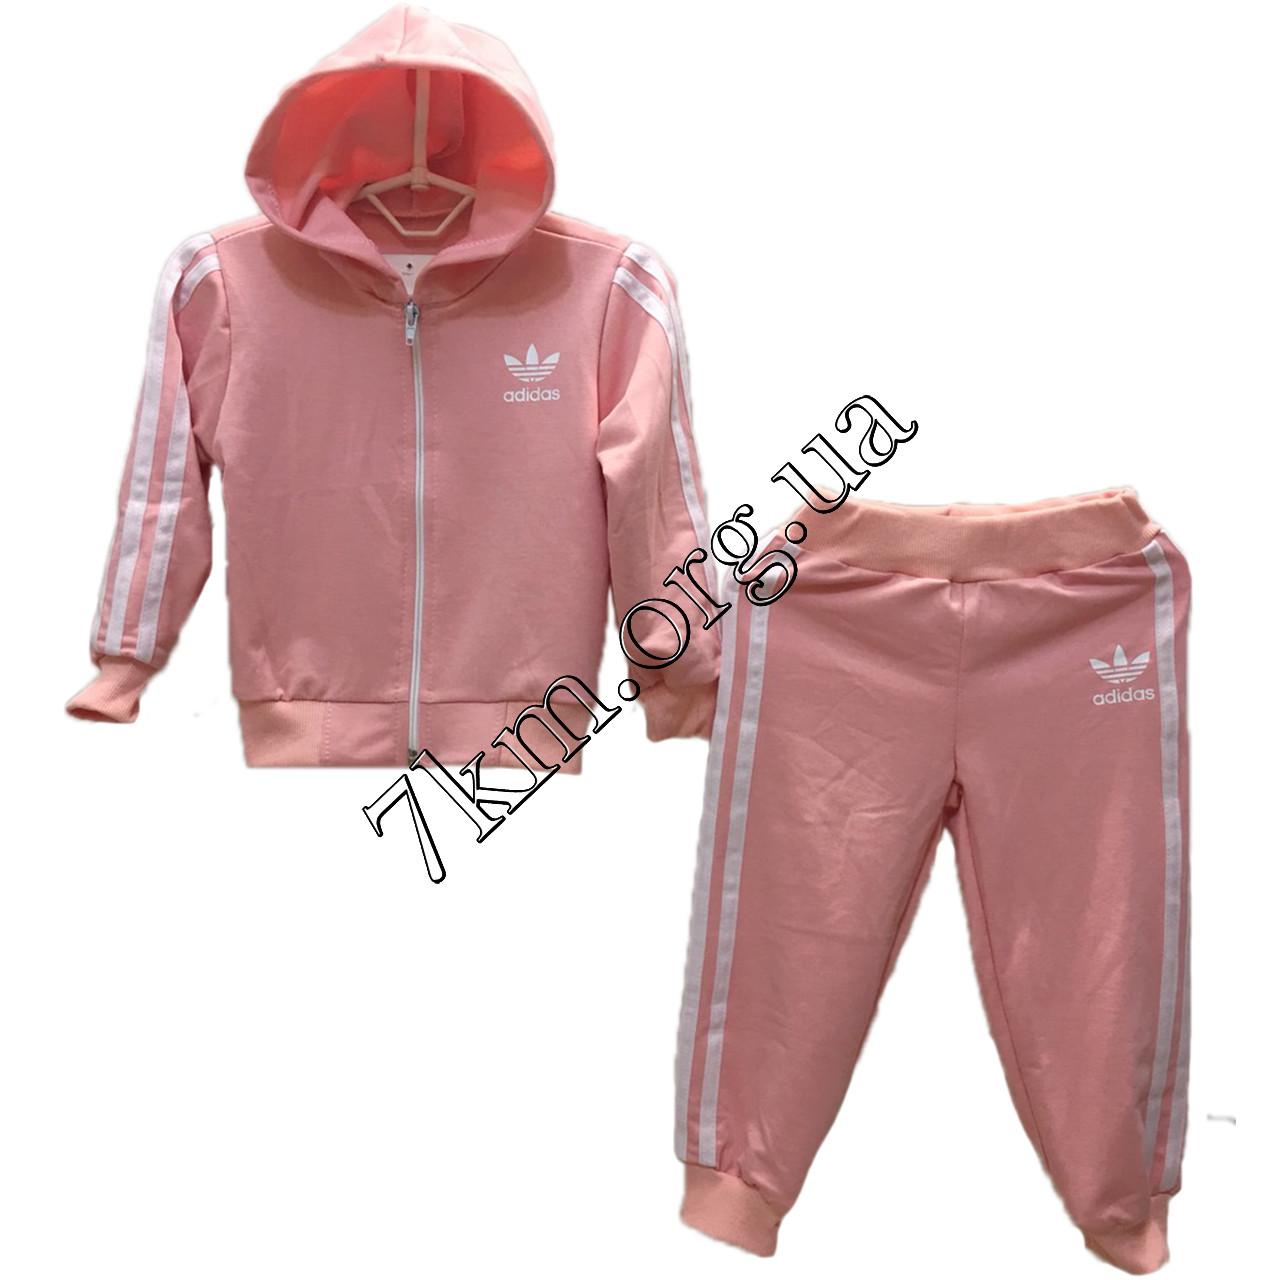 """Спортивный костюм детский реплика """"Adidas"""" для девочек 1-3 года Оптом 040304"""